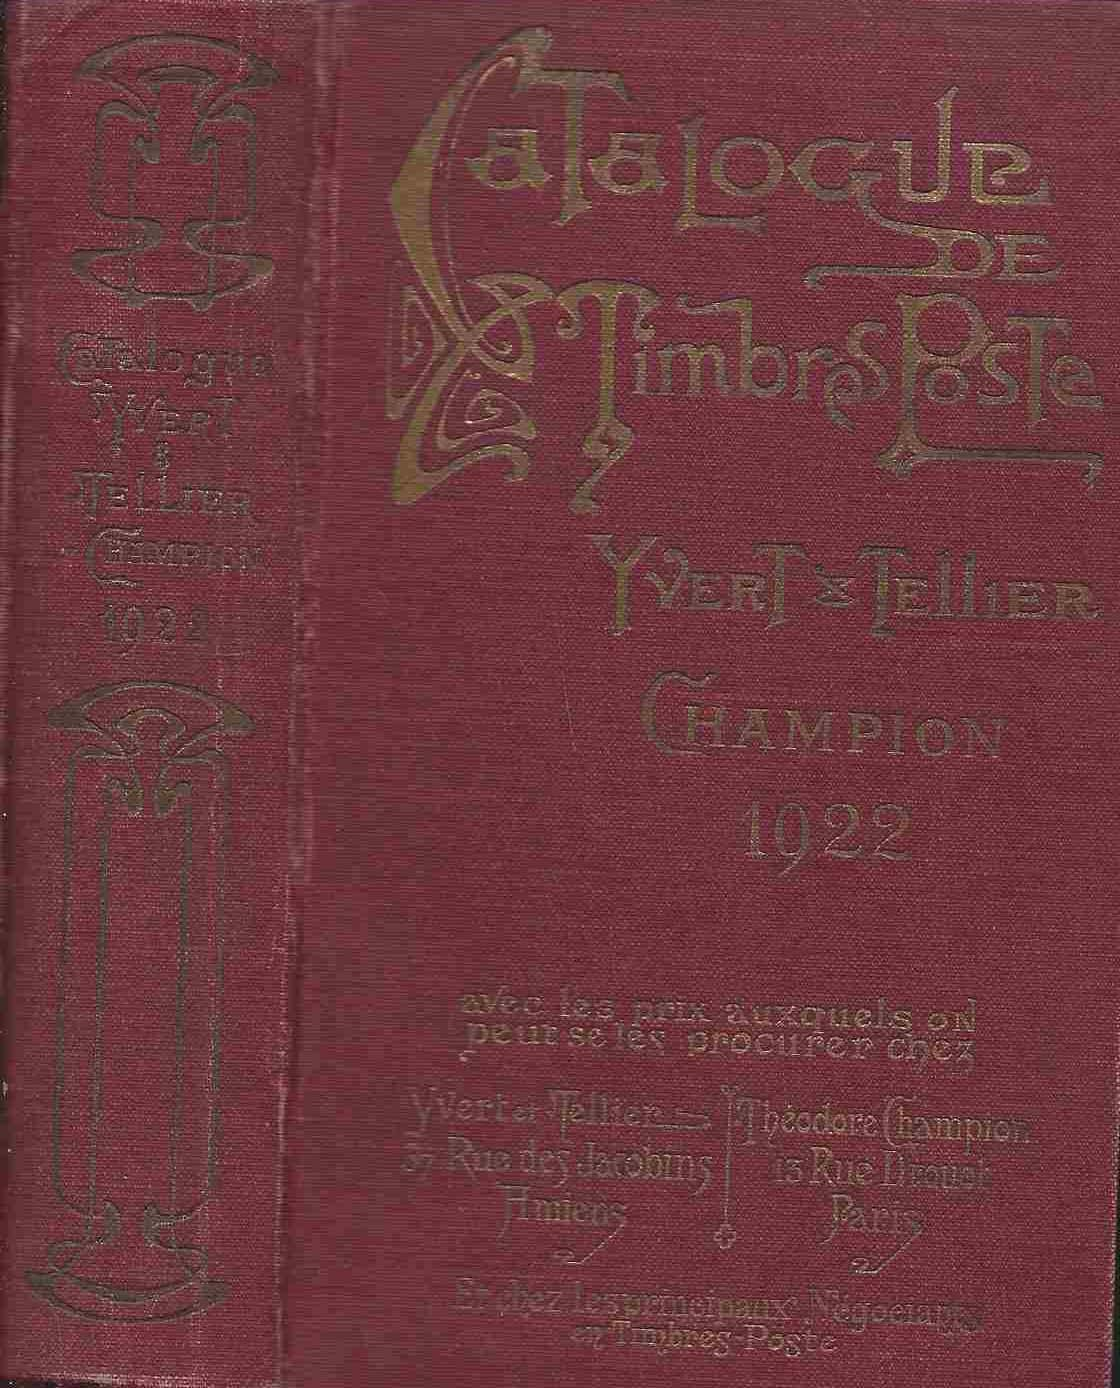 Catalogue De Timbres Yvert Et Tellier : catalogue, timbres, yvert, tellier, Catalogue, Prix-courant, Timbres-poste, Yvert, Tellier-Champion:, (1922), LiBooks